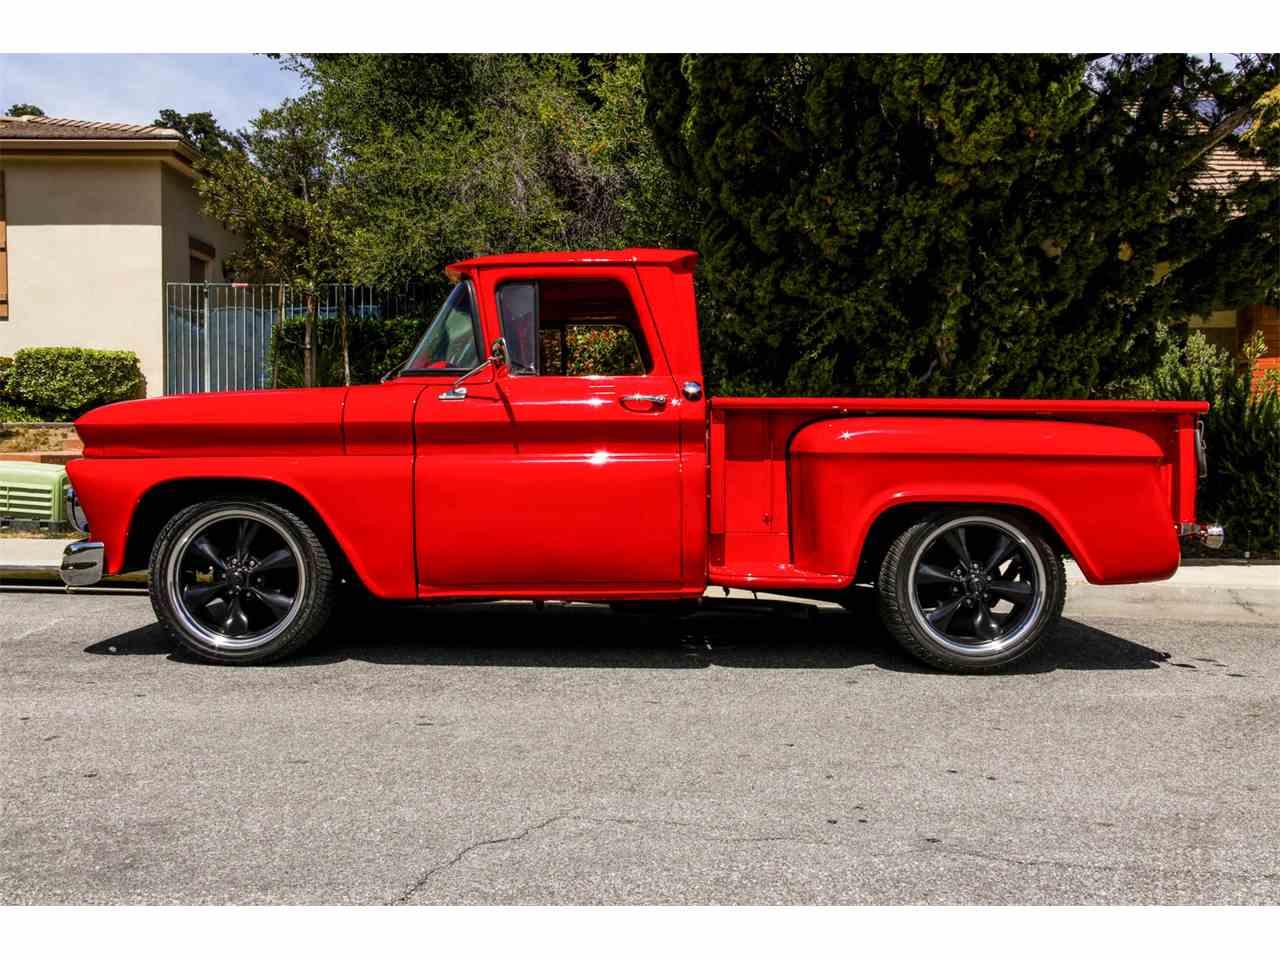 Cars For Sale Auto Village: 1962 Chevrolet C/K 10 For Sale